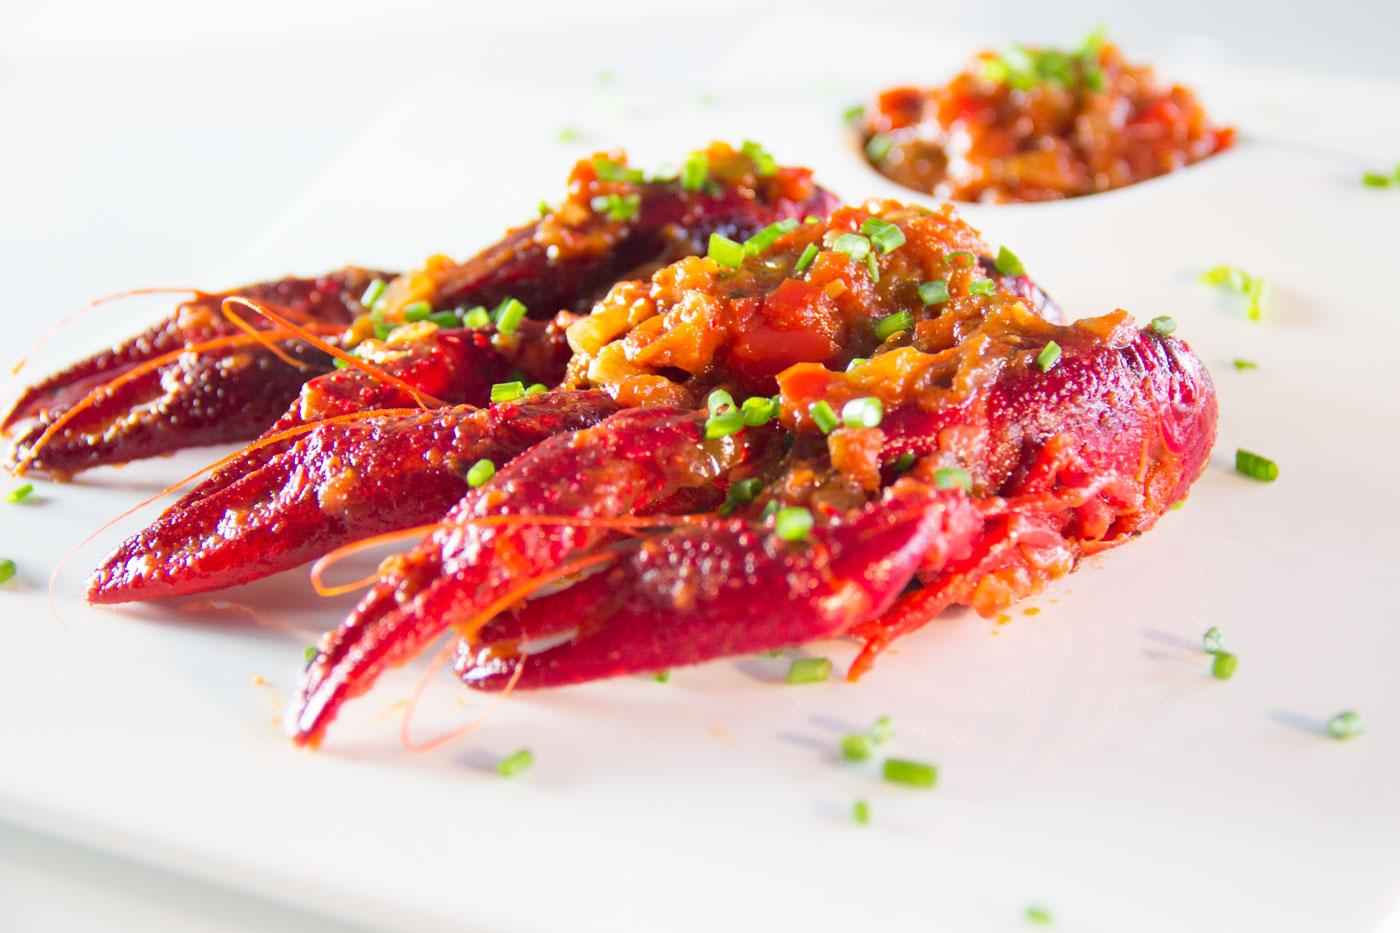 Cocinar Cangrejos | Cocinar Cangrejos De Mar Fotos De Procesadora Aqa Mar Imagenes